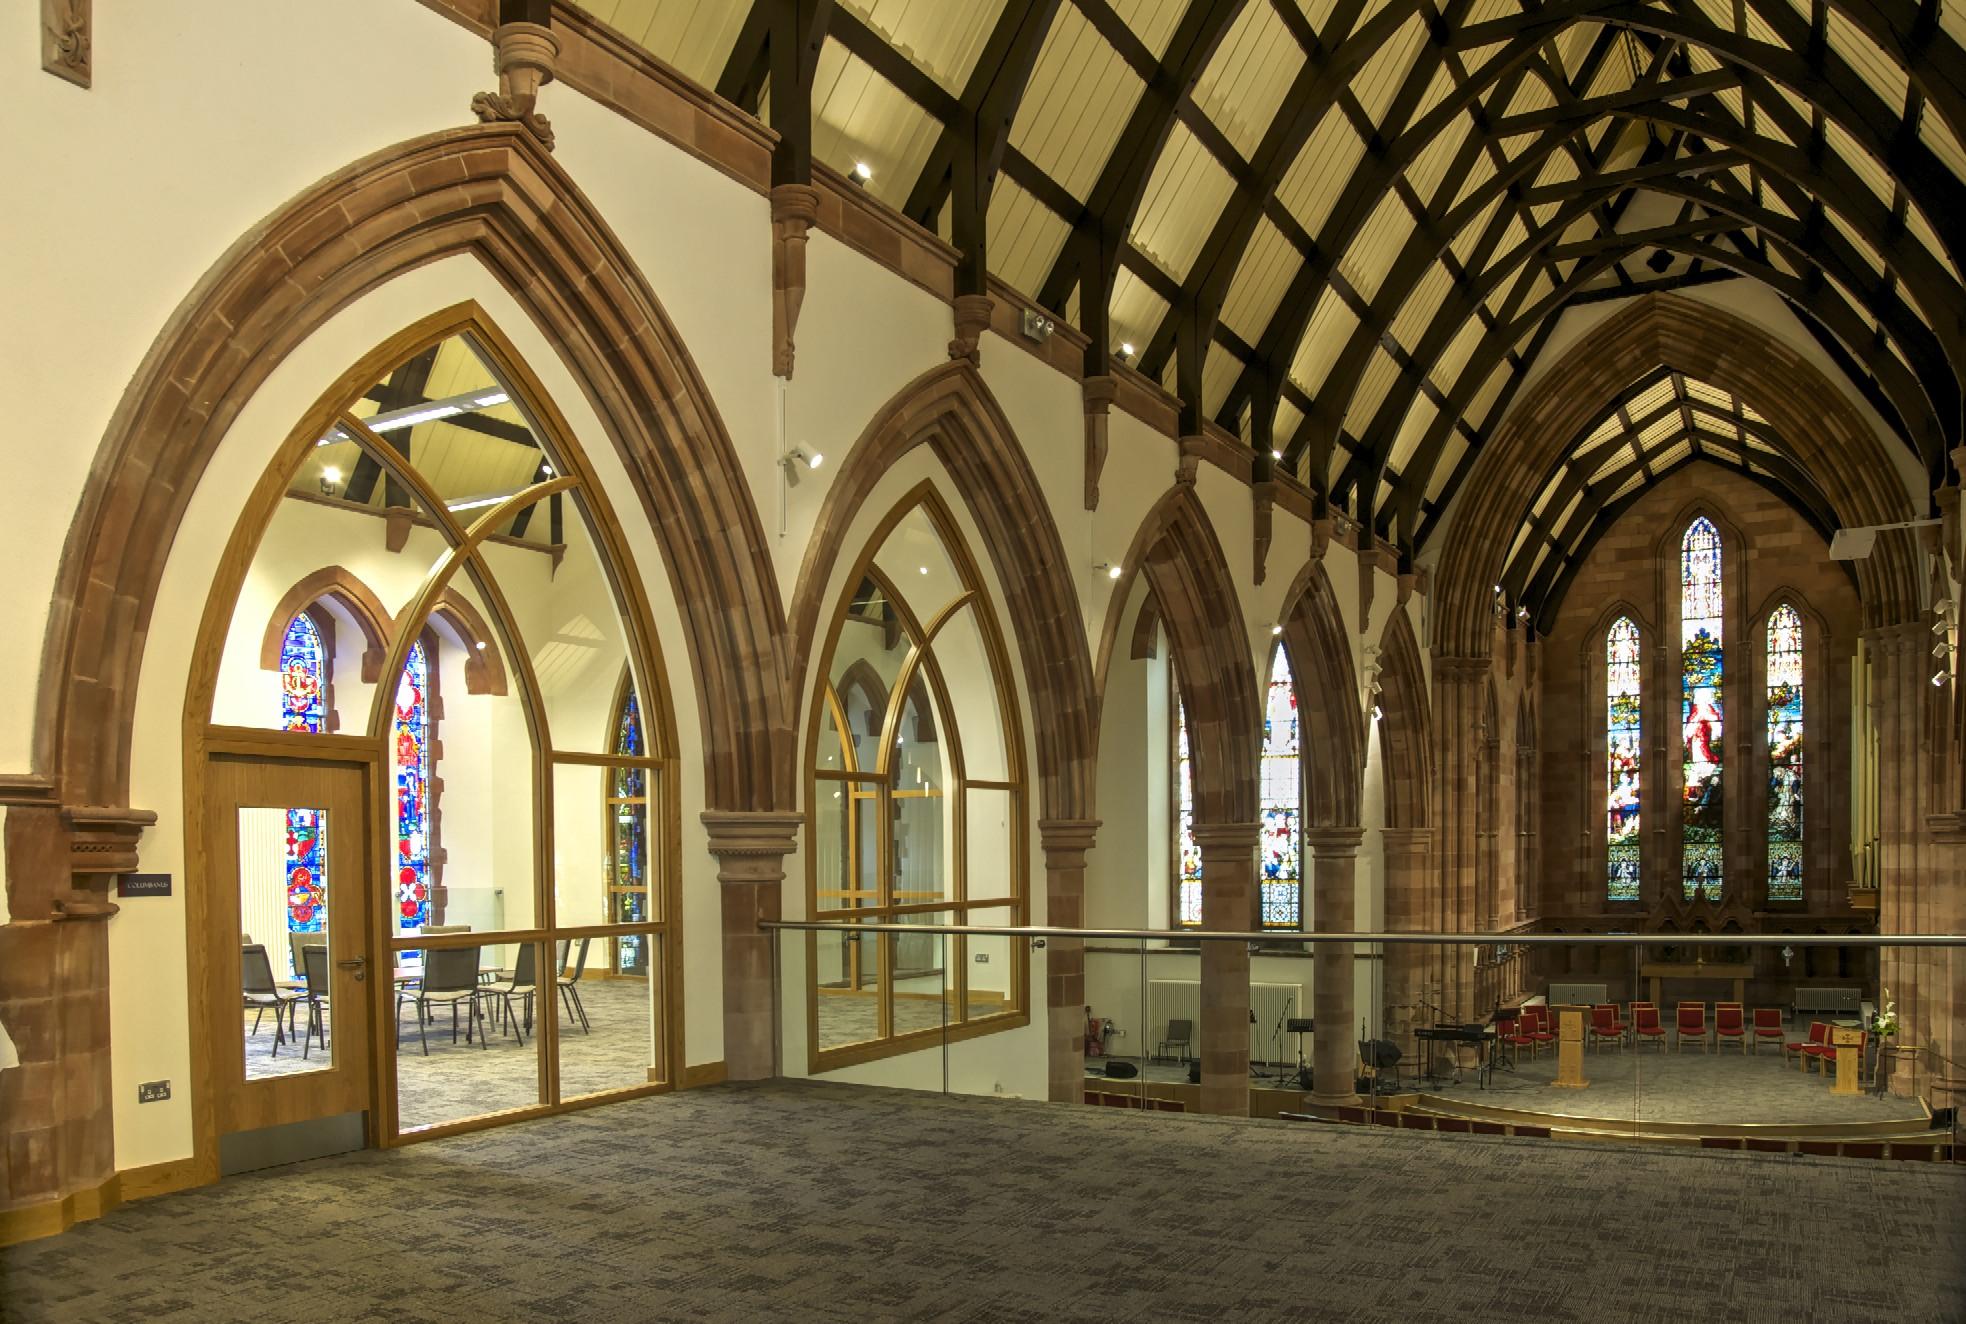 St Comgalls Church, Bangor